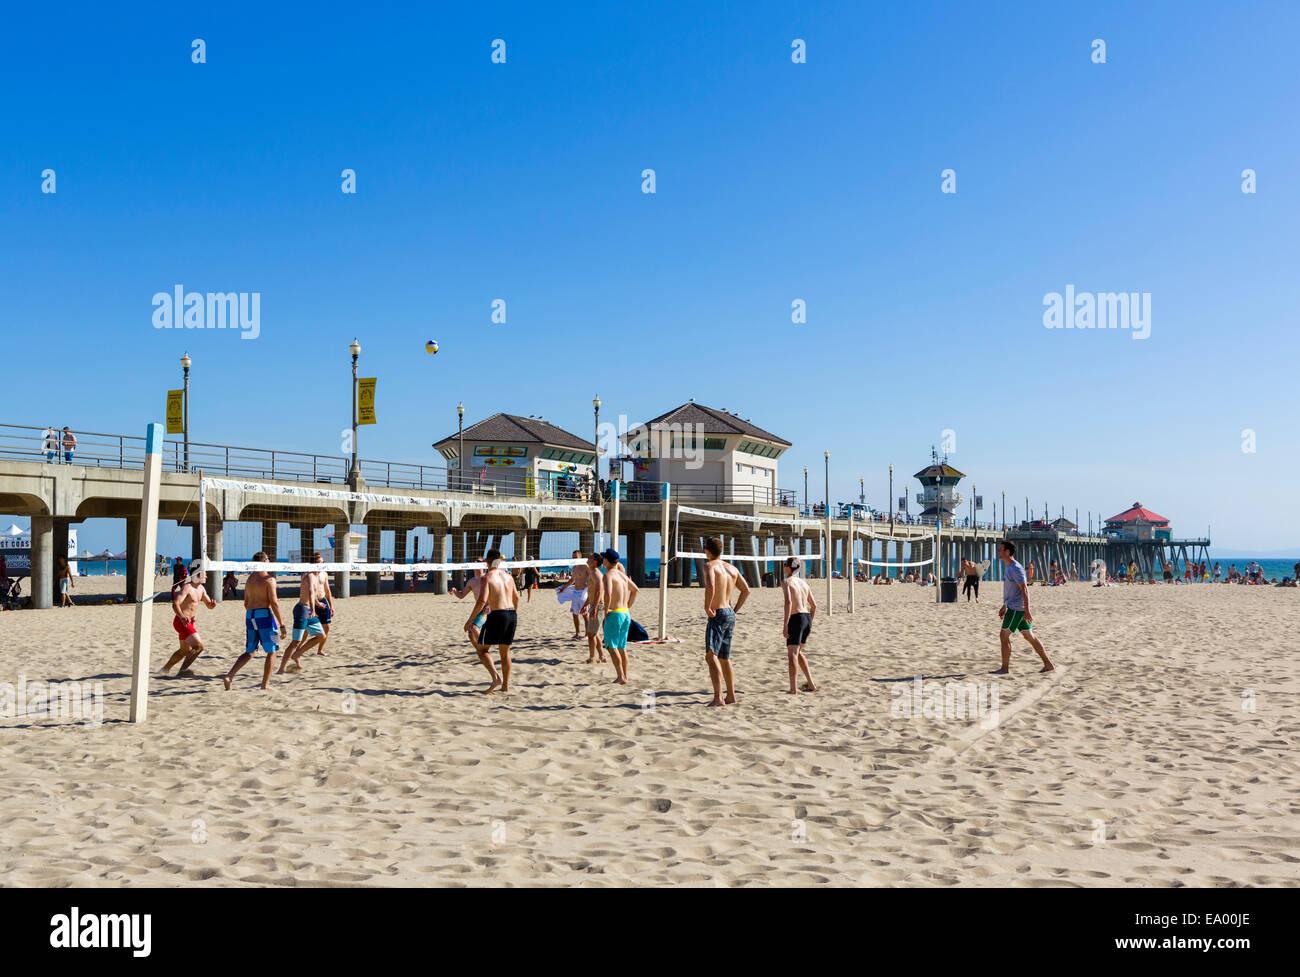 Los hombres jóvenes jugando voleibol en la playa en frente del muelle en el centro de la ciudad de Huntington Imagen De Stock